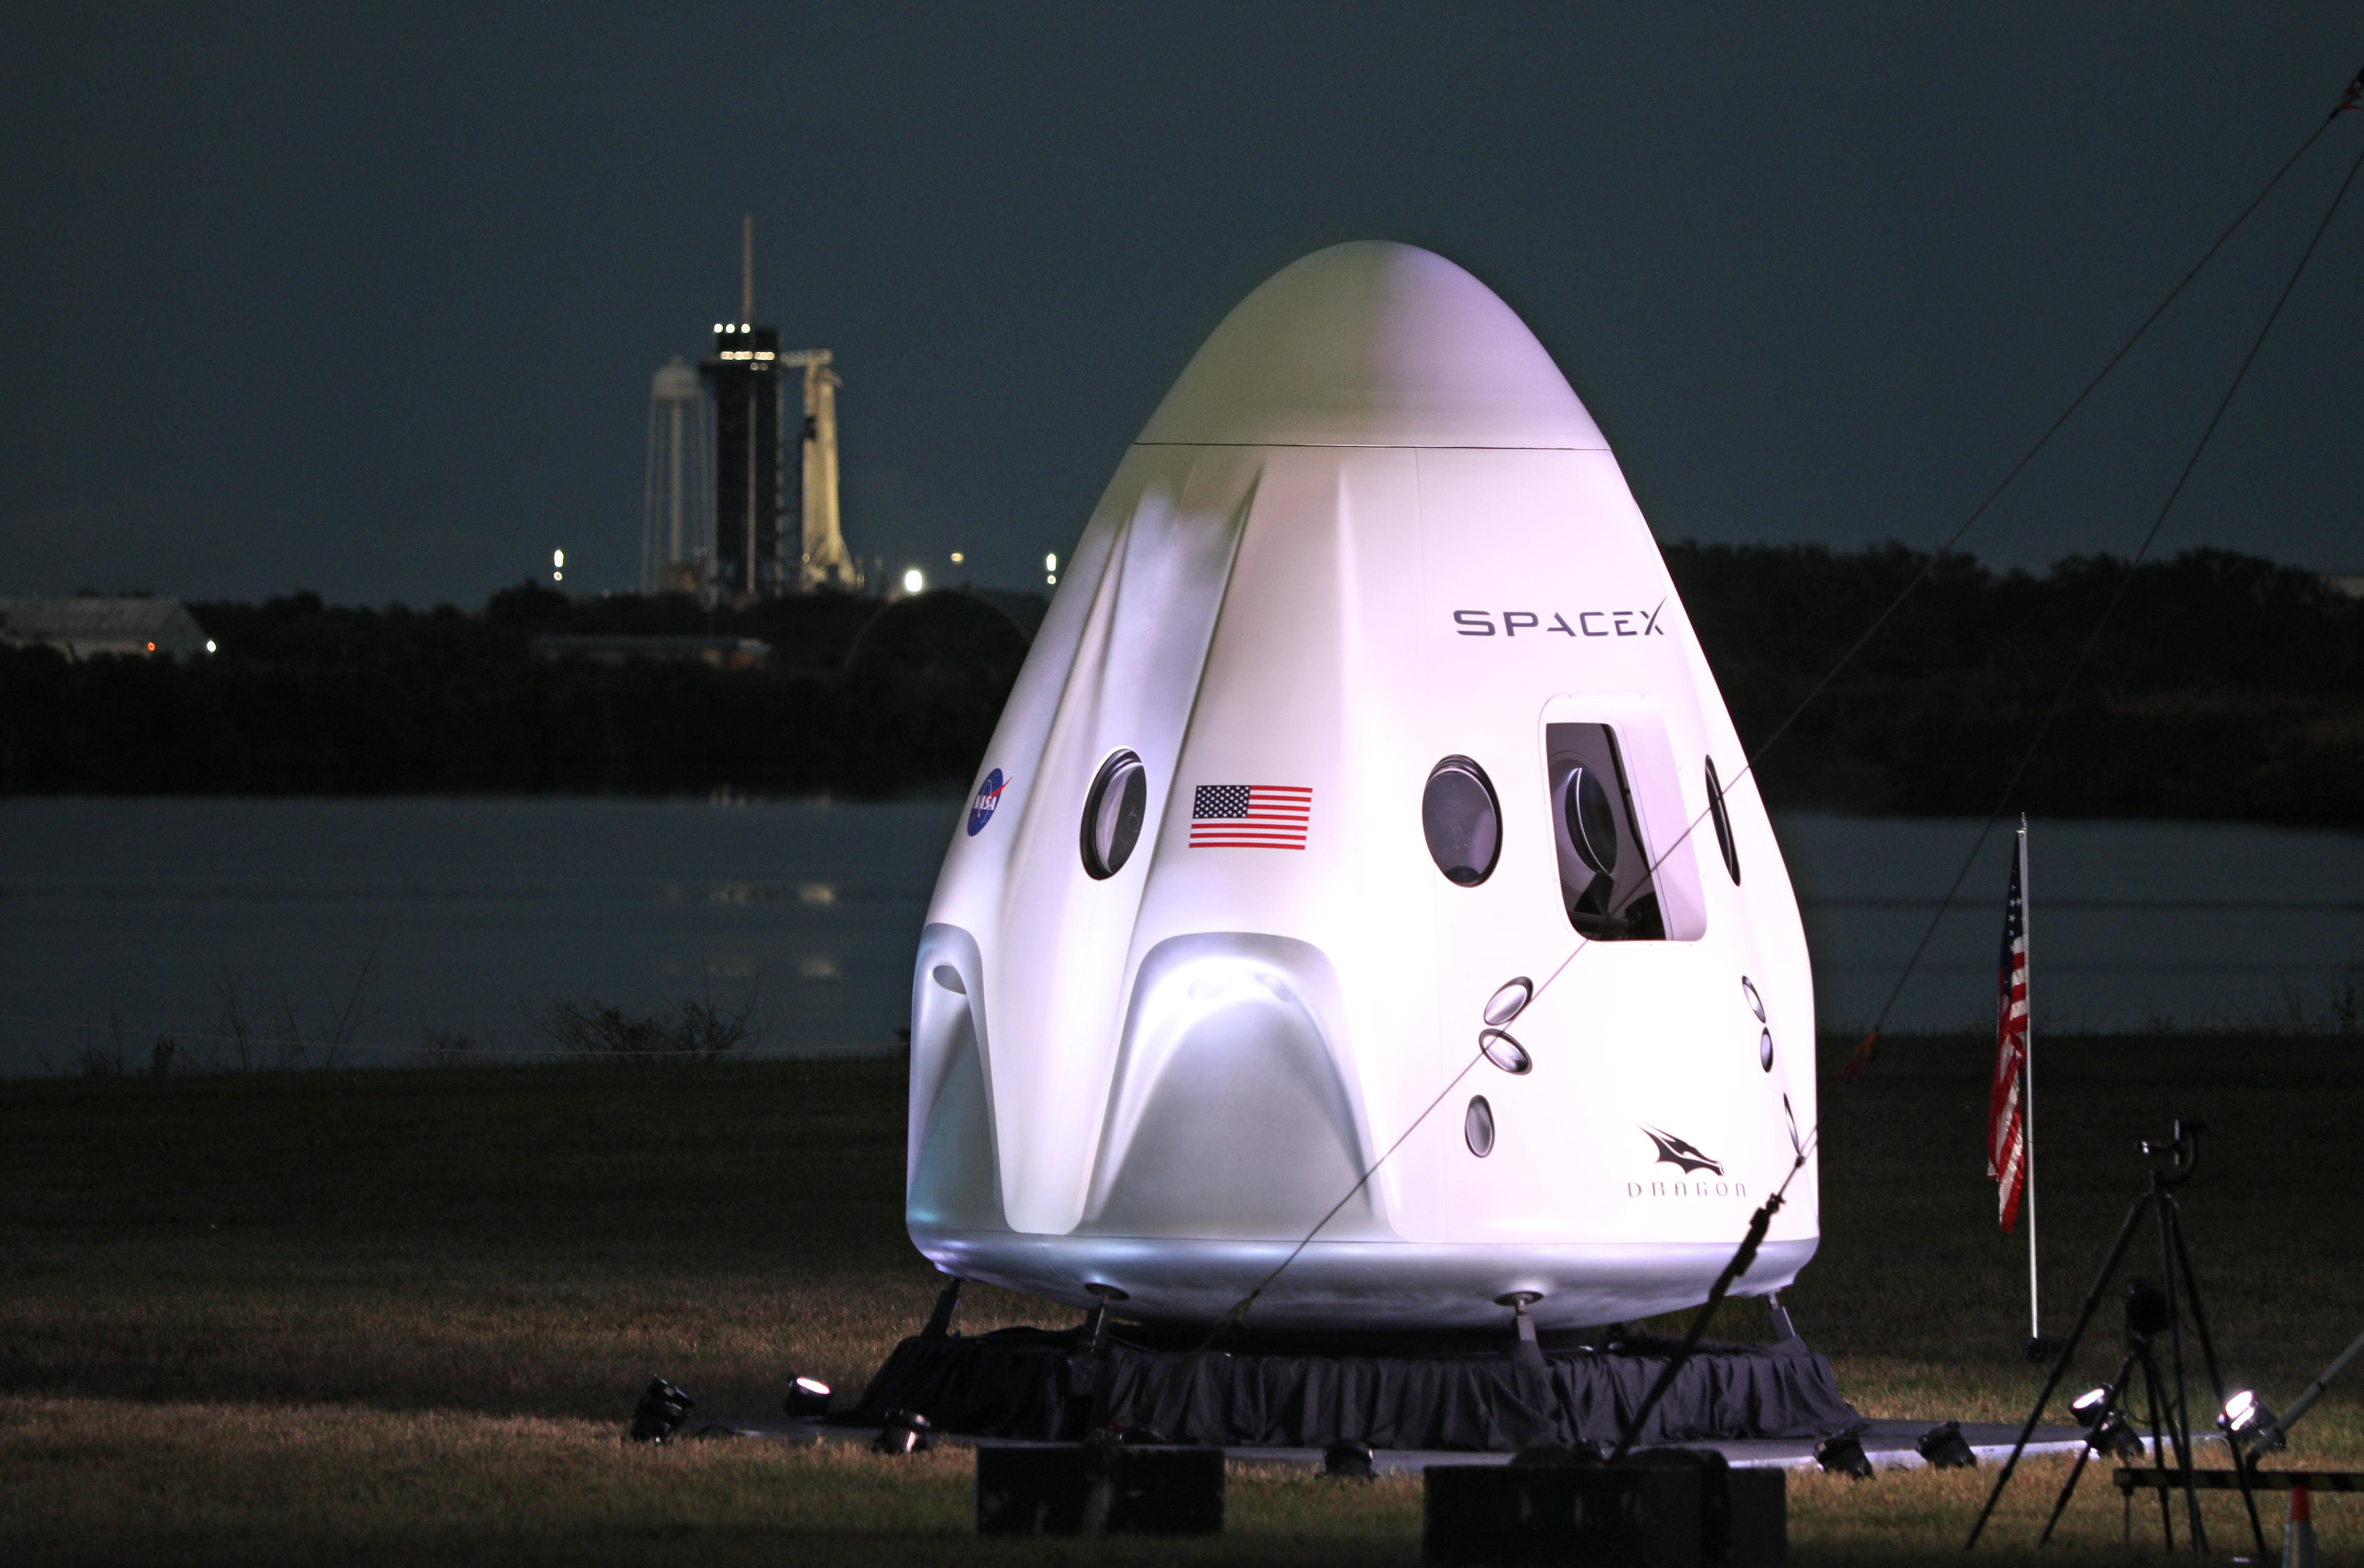 A SpaceX első űrhajója megérkezett a Nemzetközi Űrállomásra